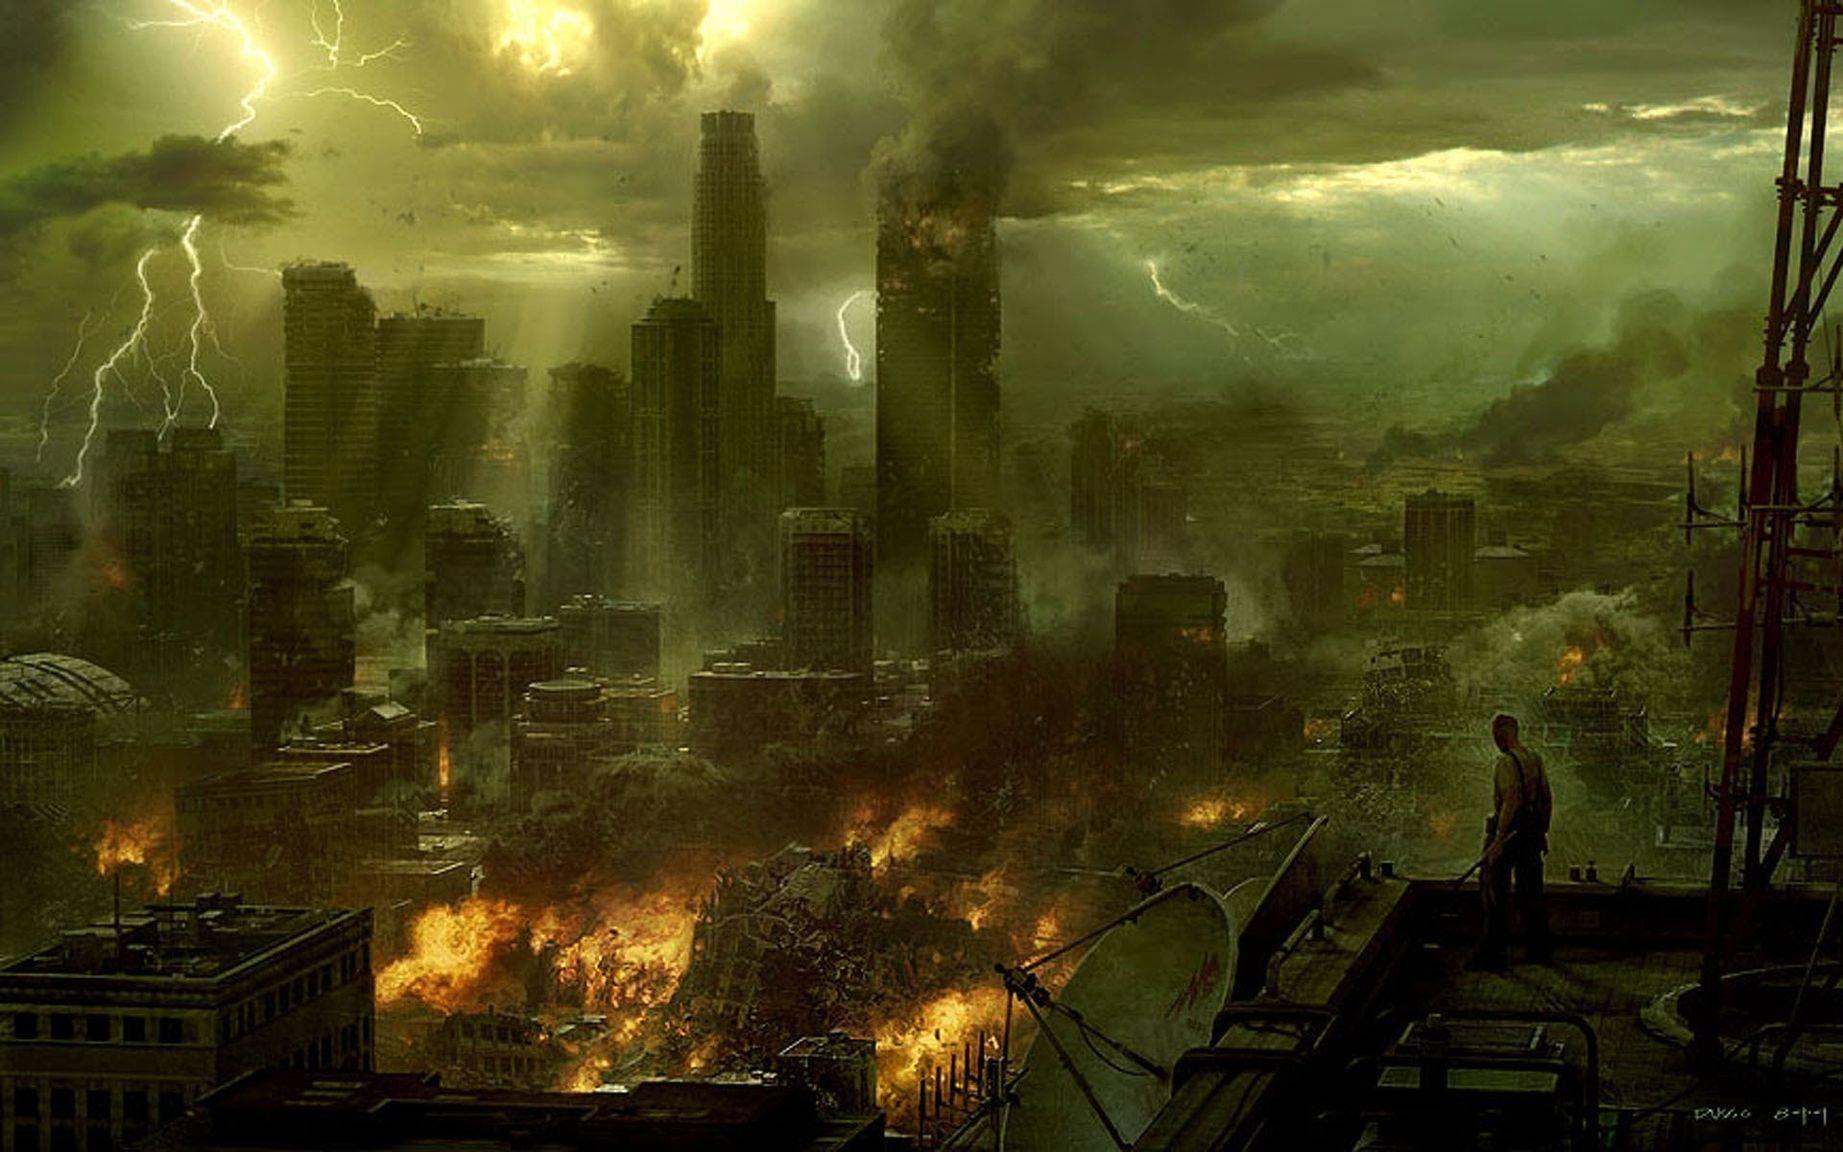 Будет ли в 2020 году конец света